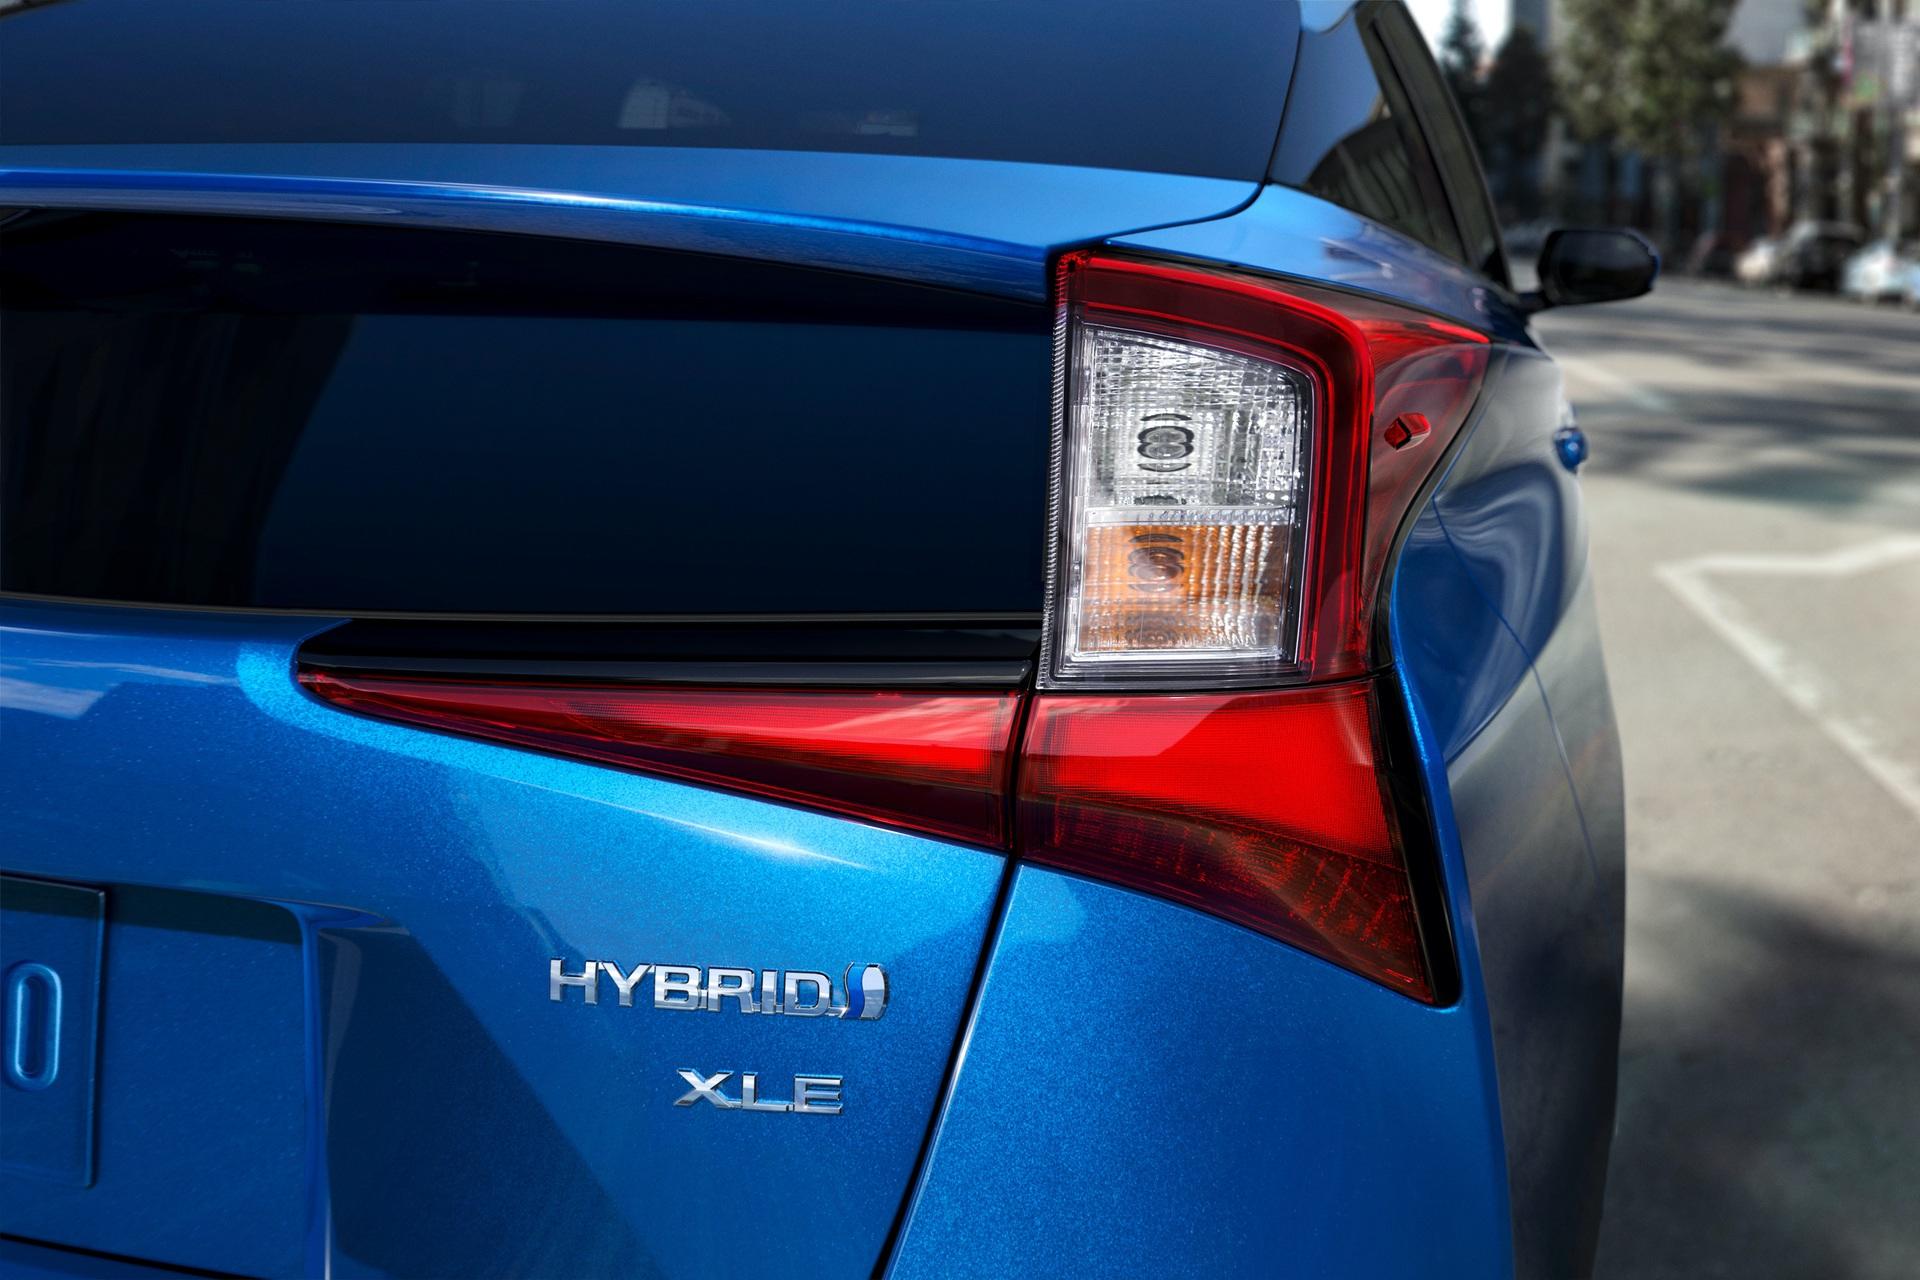 2019_Toyota_Prius_facelift0005